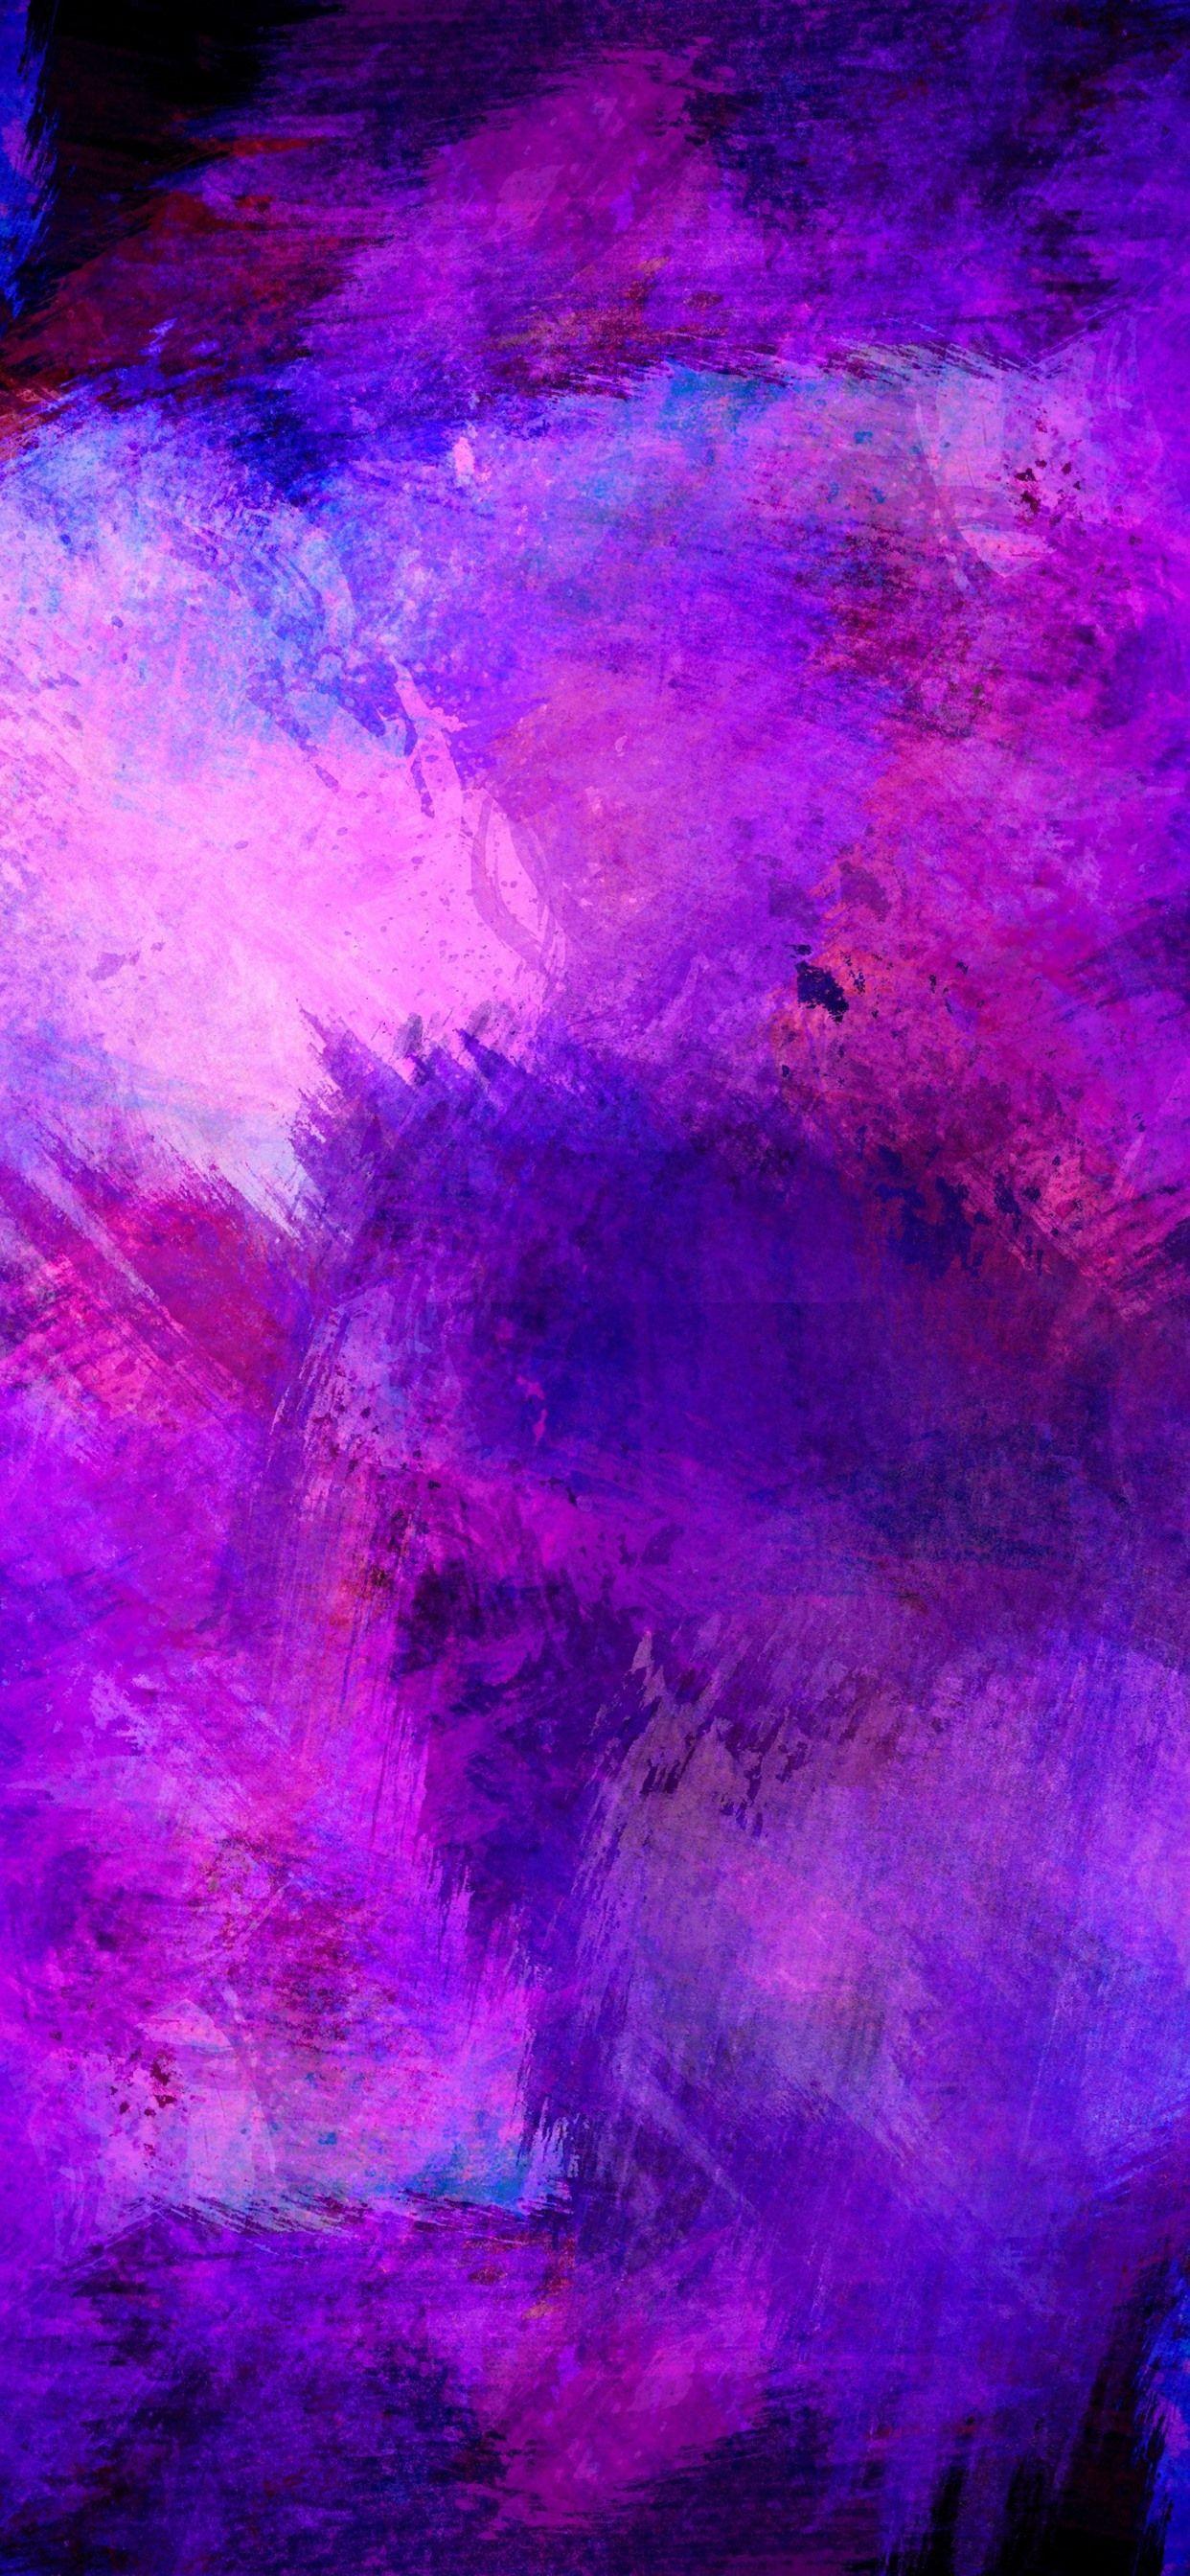 Light Purple Cute Wallpapers Iphone 11 In 2020 Purple Wallpaper Phone Huawei Wallpapers Stock Wallpaper